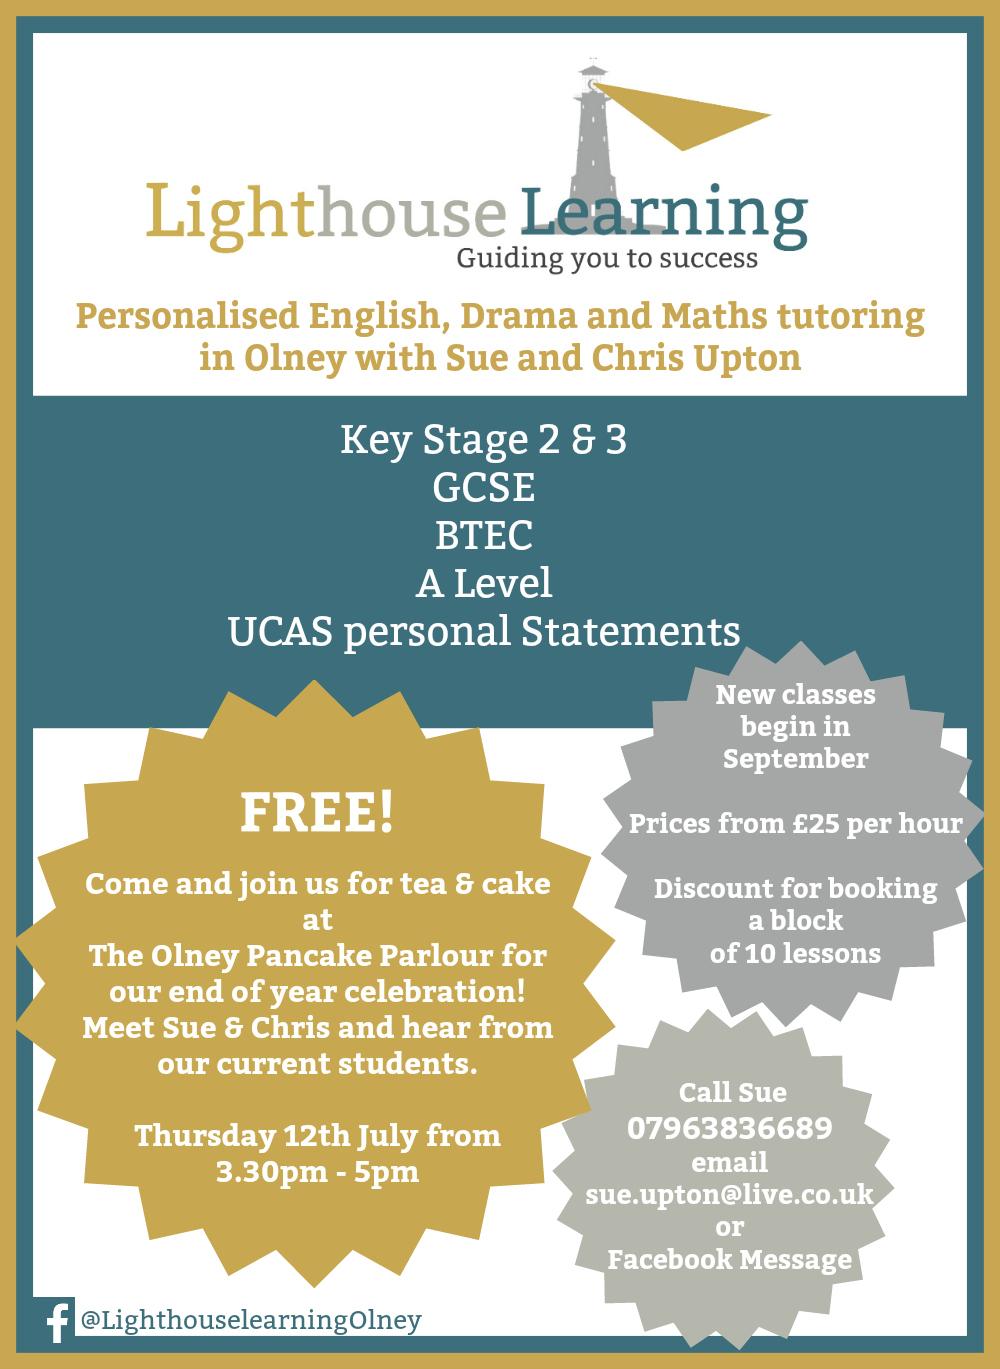 Lighthouse Learning July Large JPG